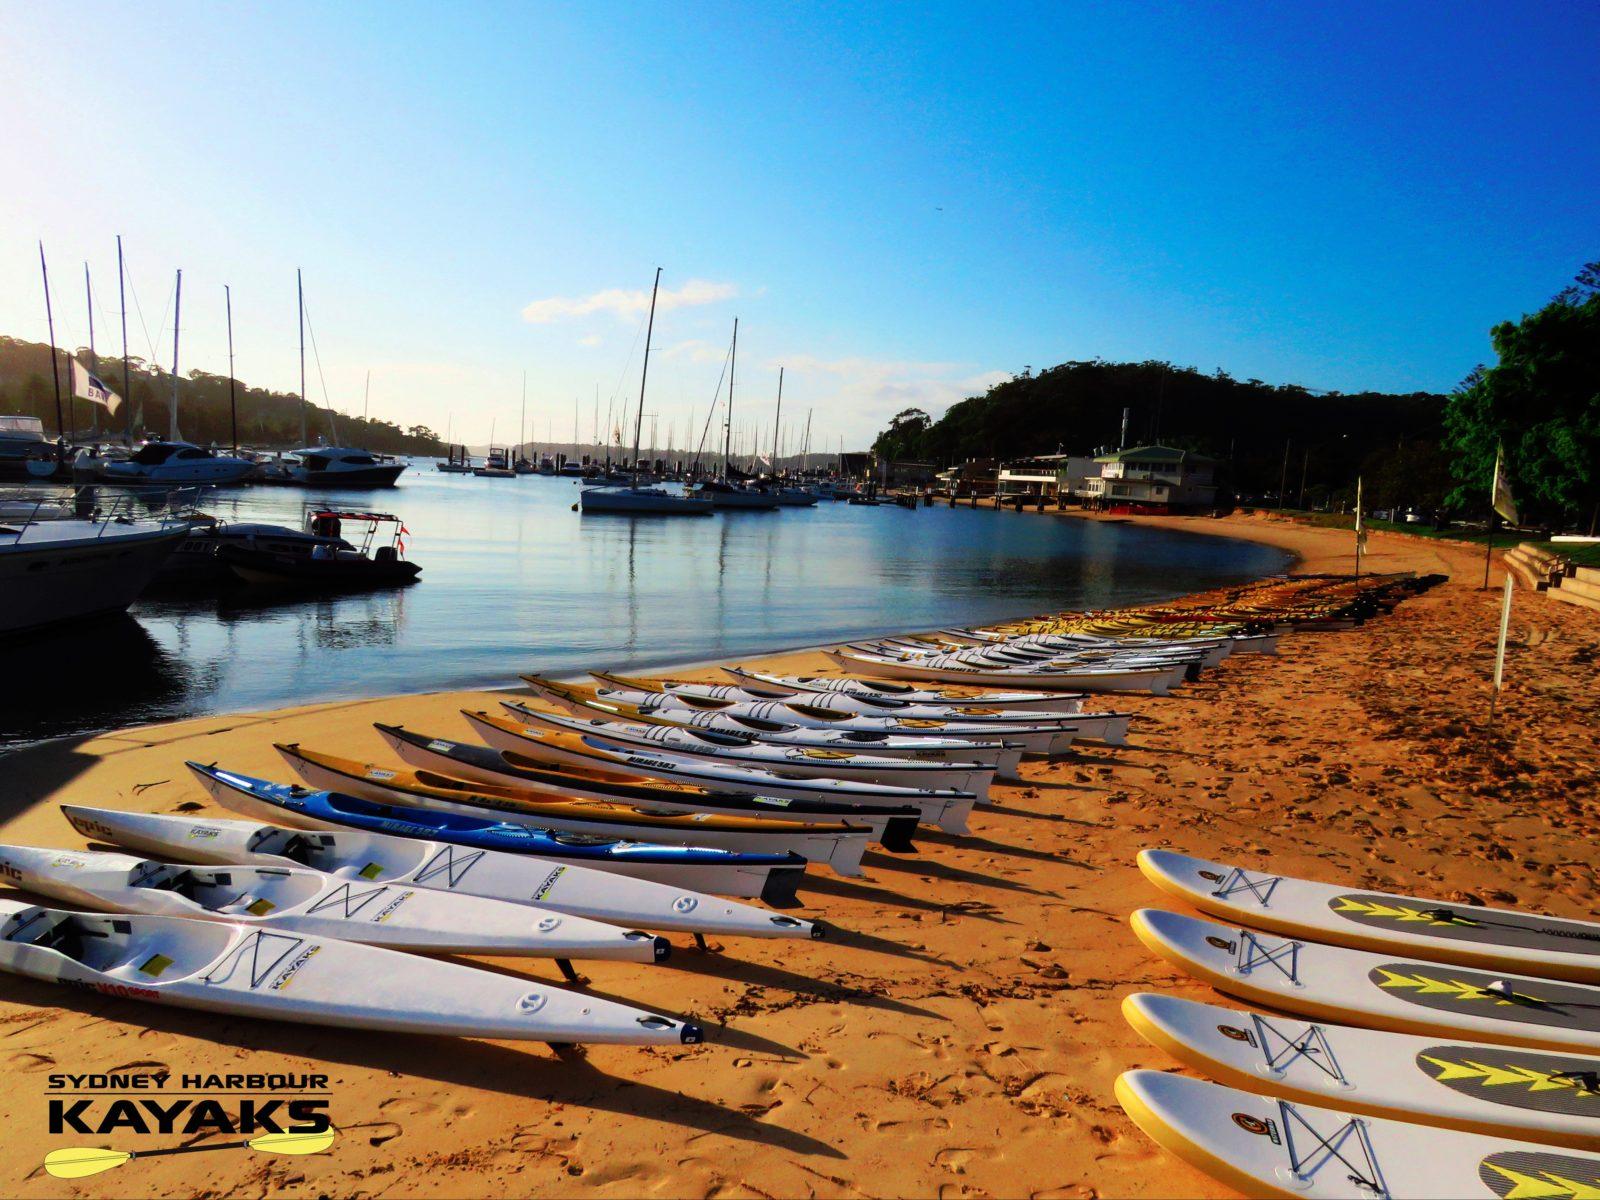 Sydney Harbour Kayaks Fleet